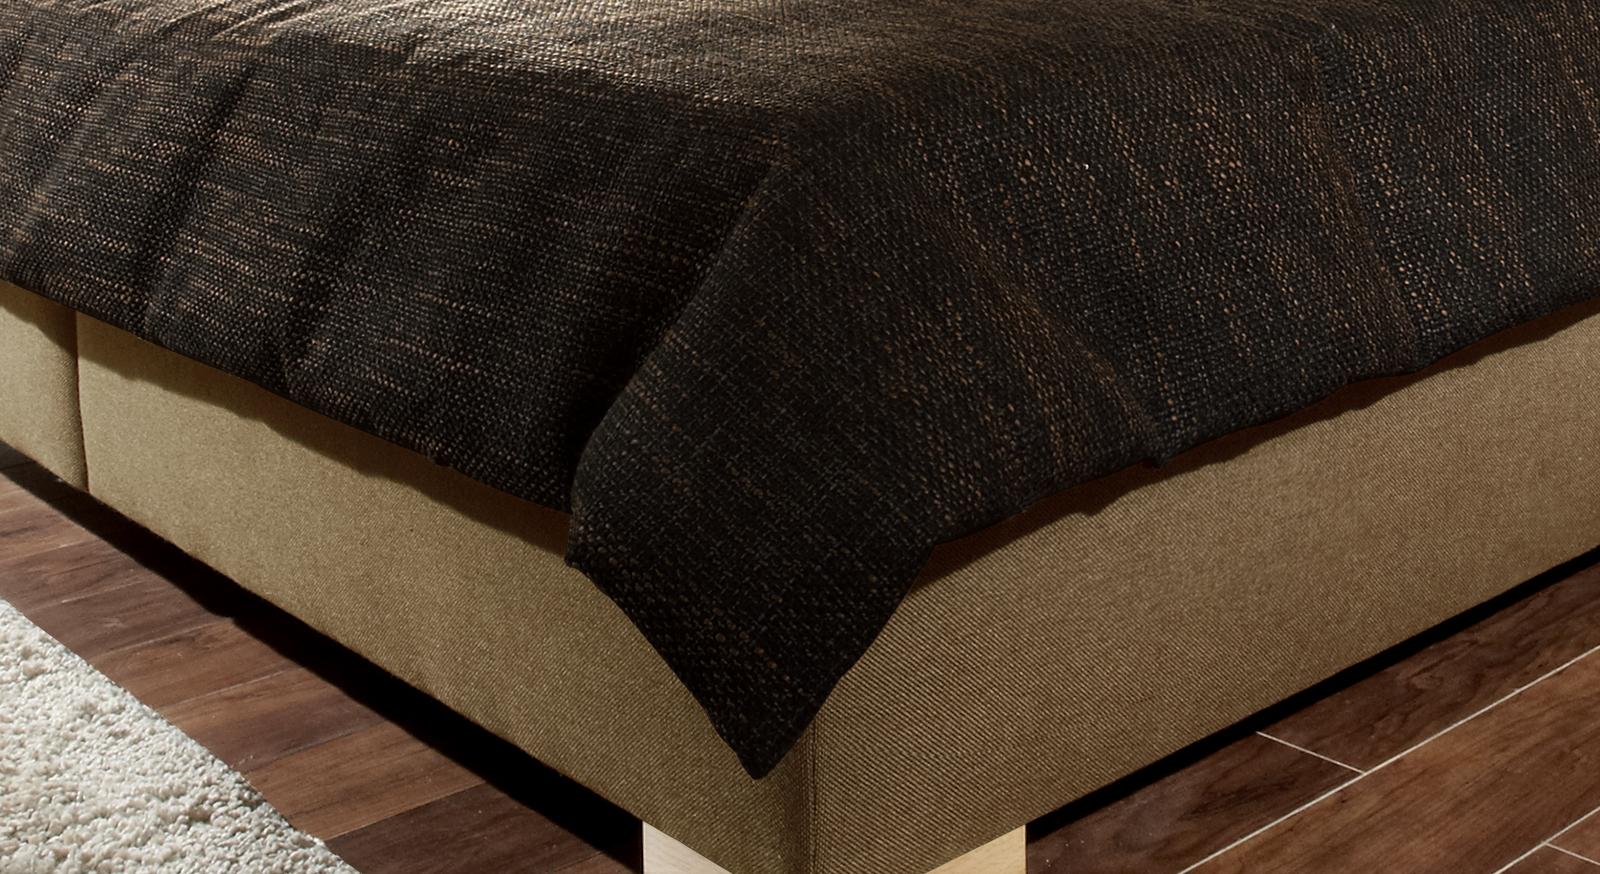 farbiges Frottee-Spannbetttuch aus Frottee in 90x190cm